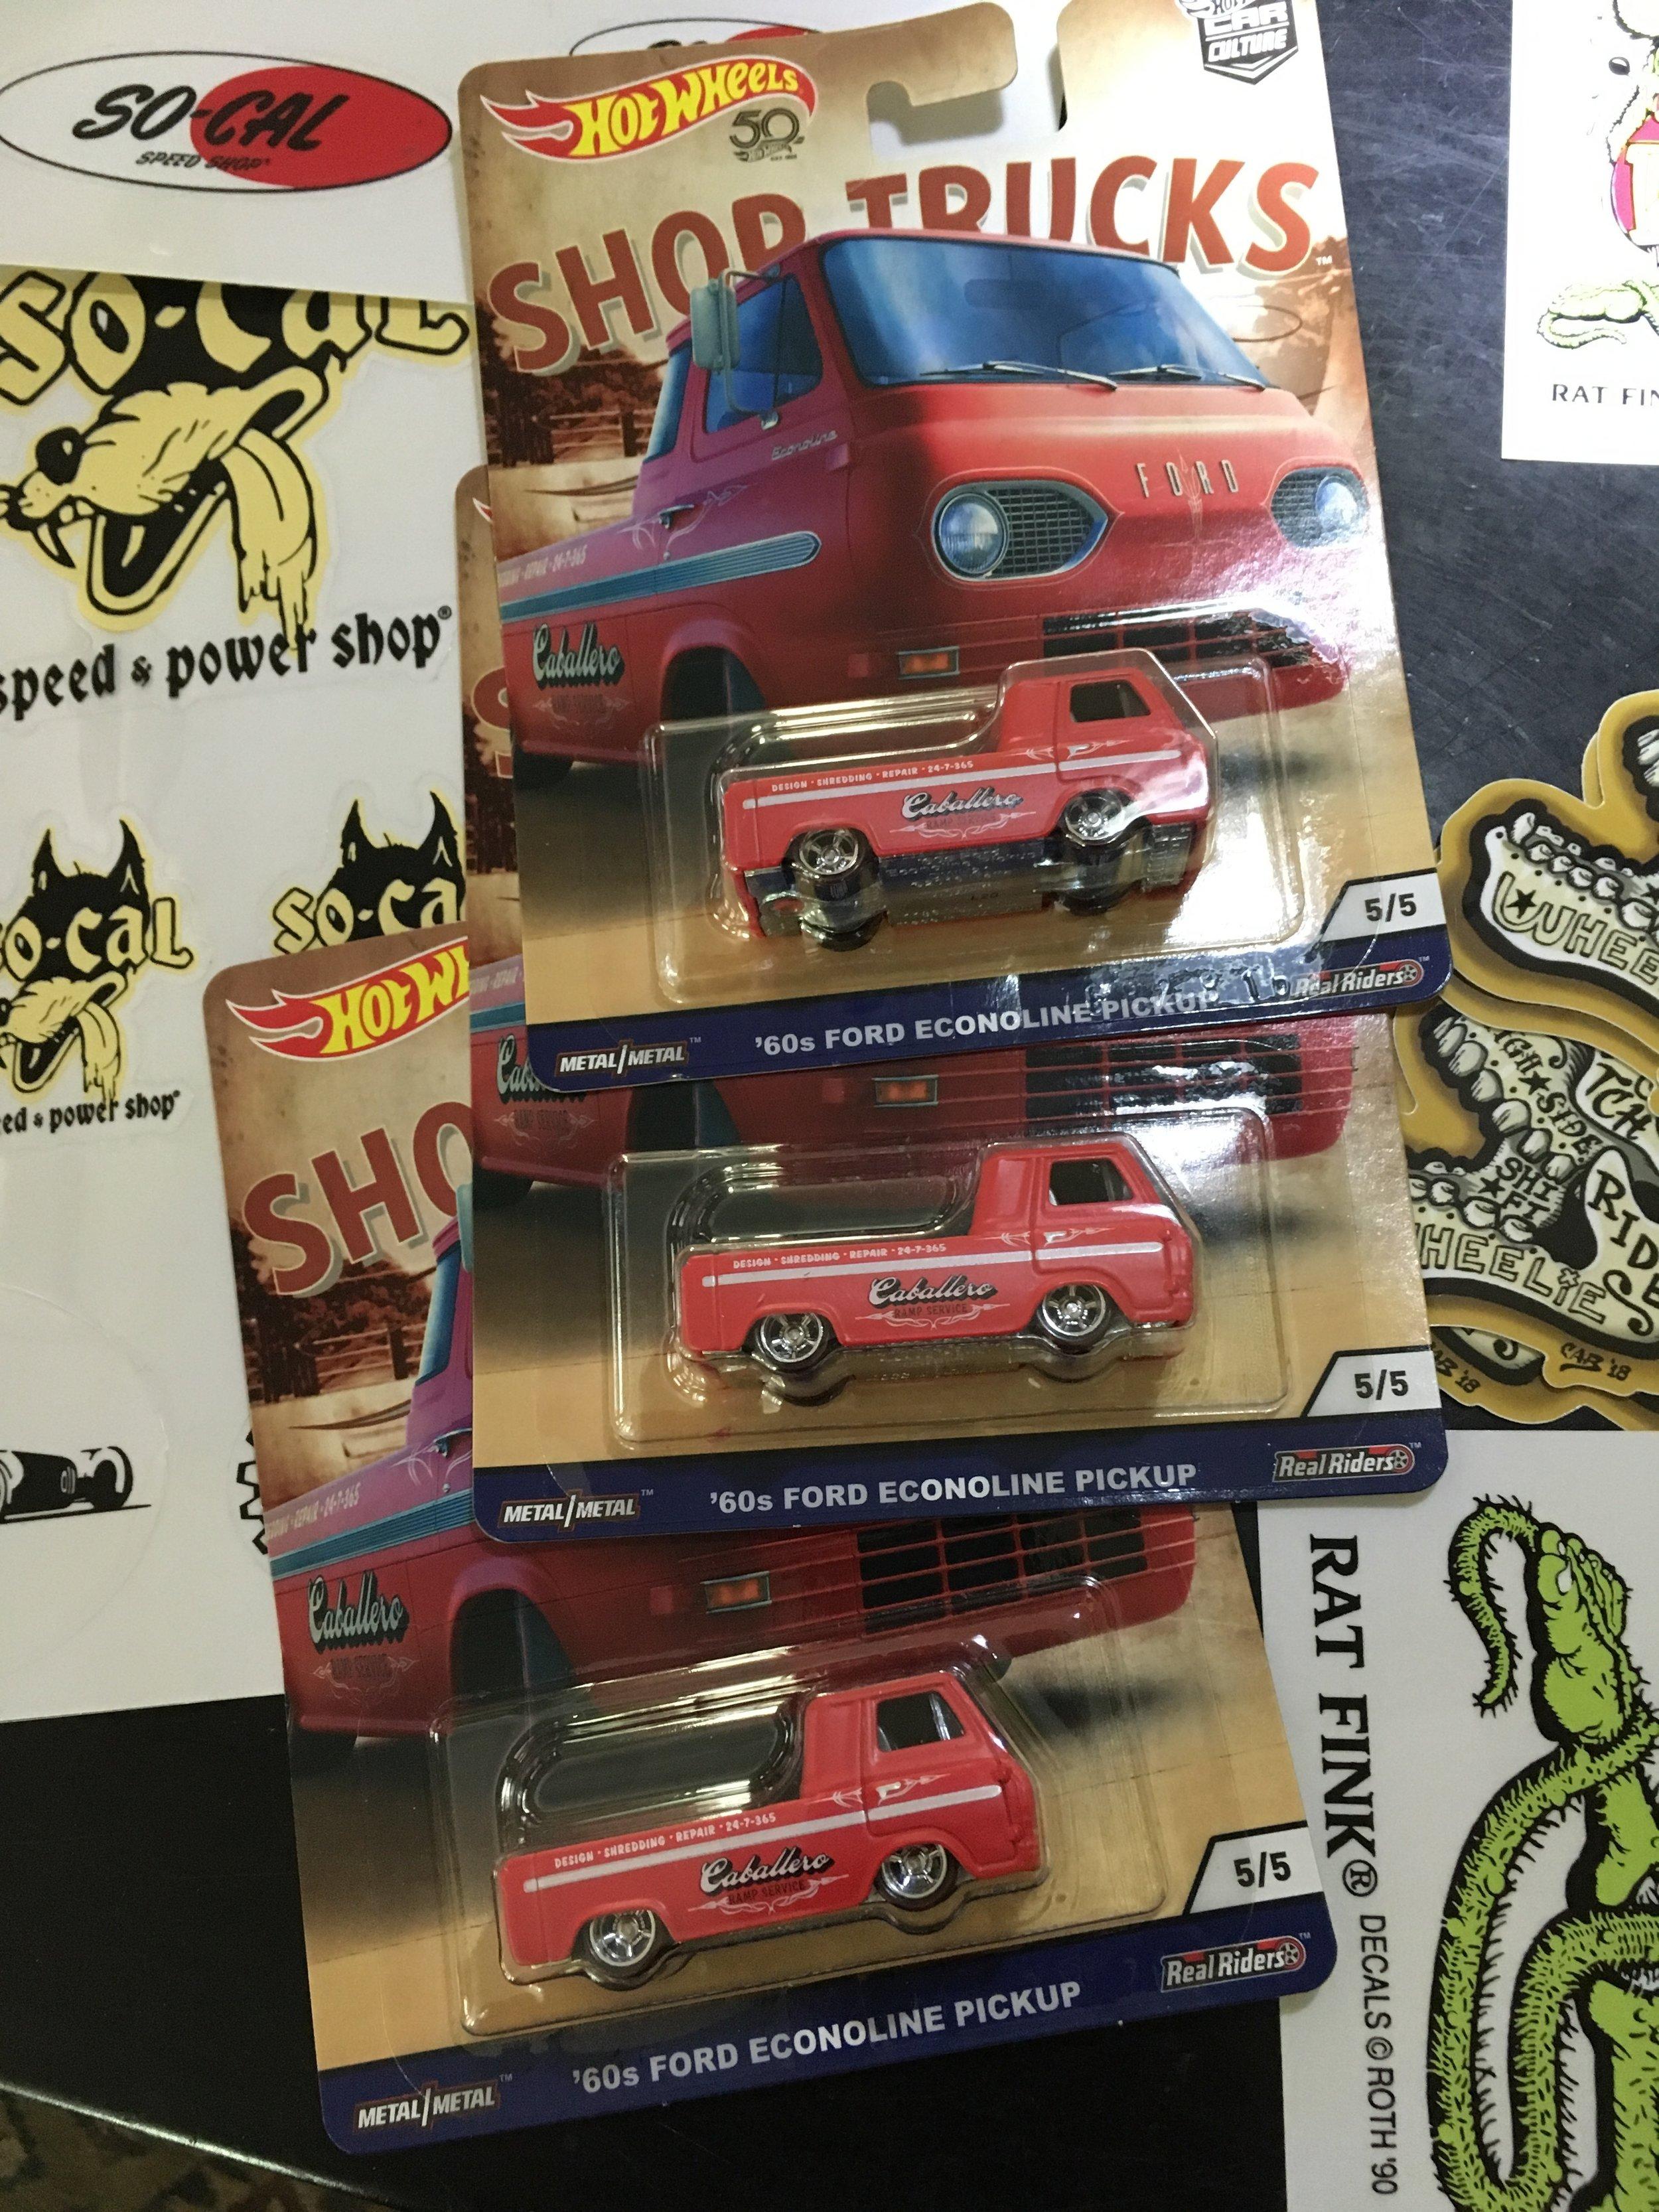 The Hot Wheels Steve Caballero 1965 Econoline truck. Steve sent these for the Dentonmoto boys.